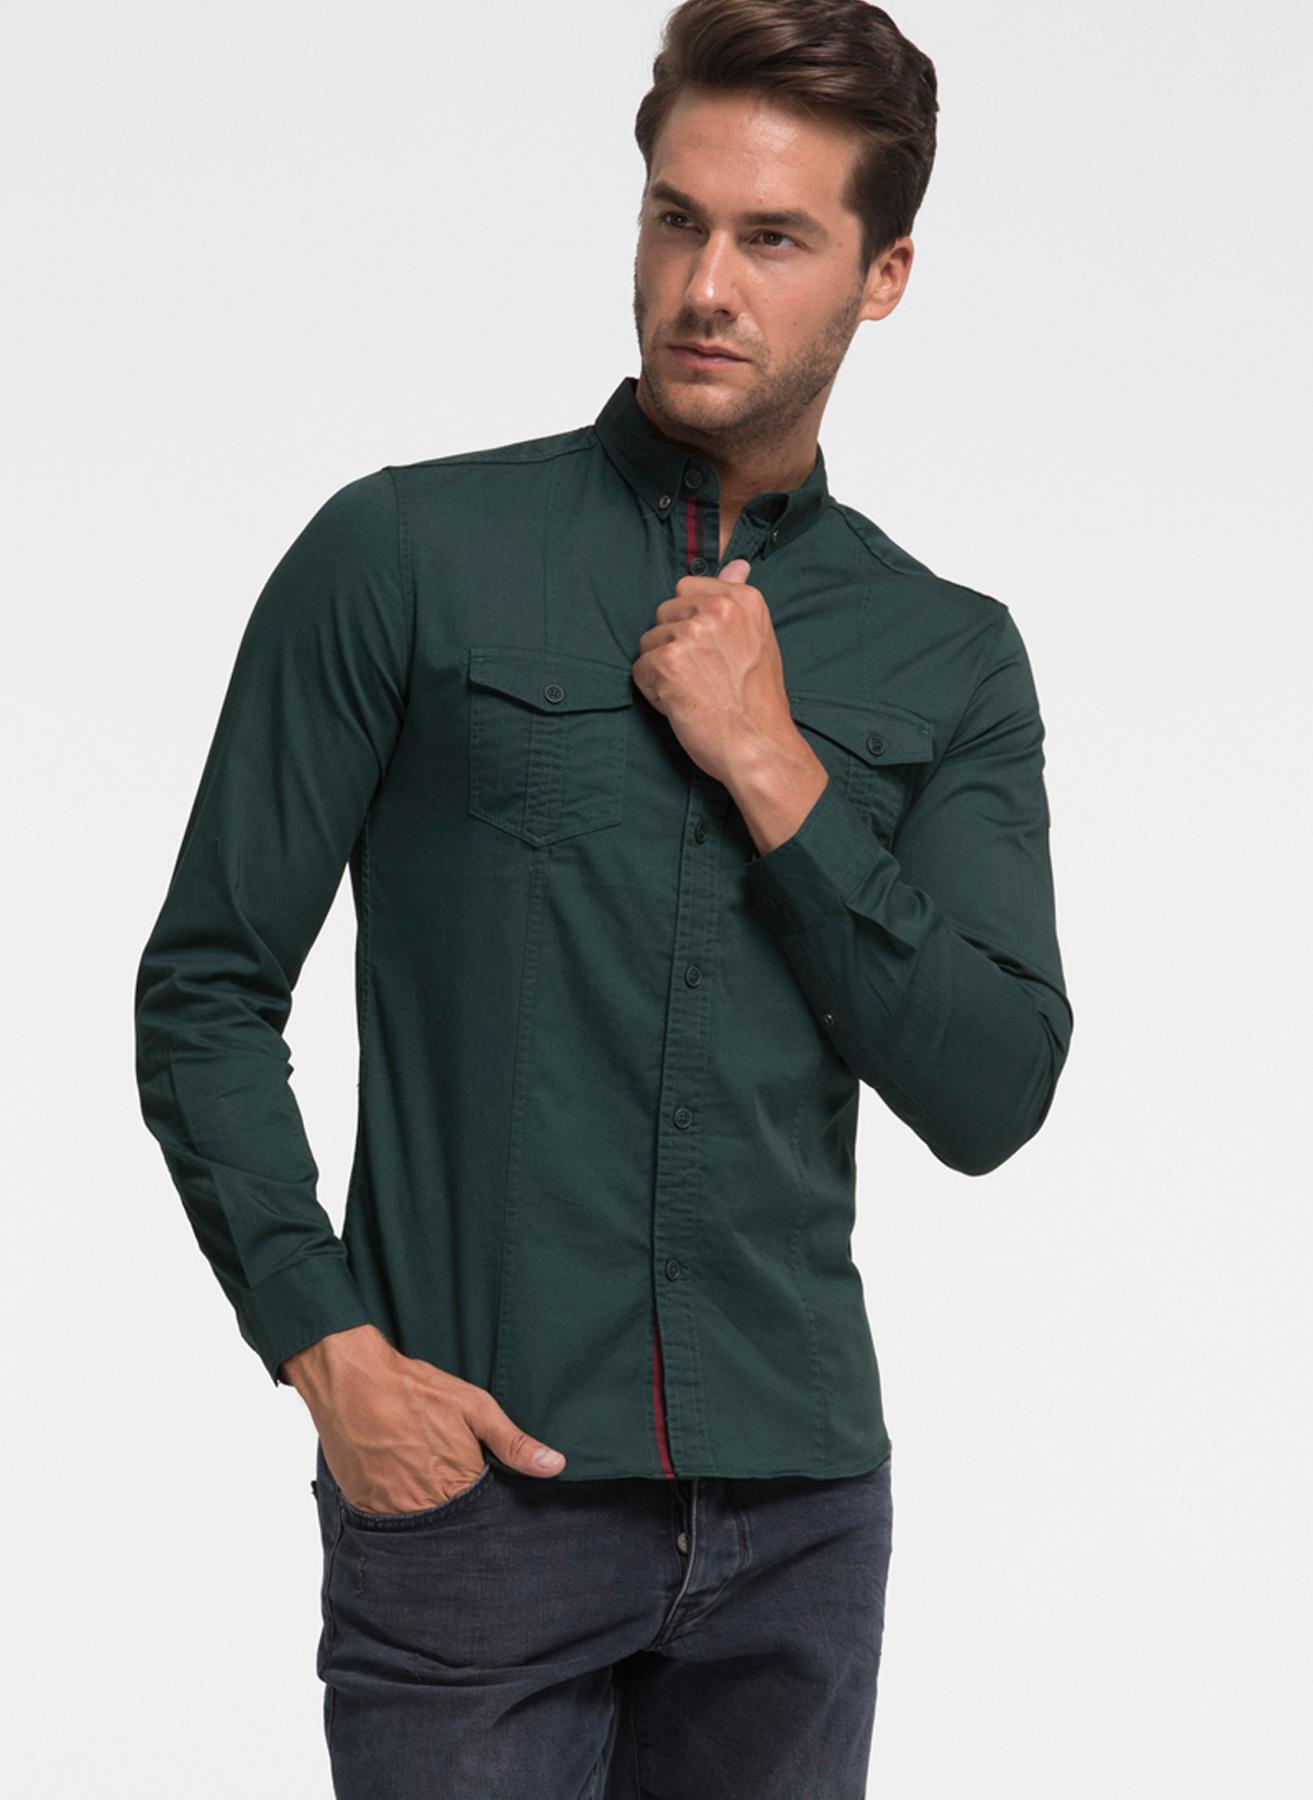 Loft Armalı Yeşil Gömlek 2XL 5001733907005 Ürün Resmi